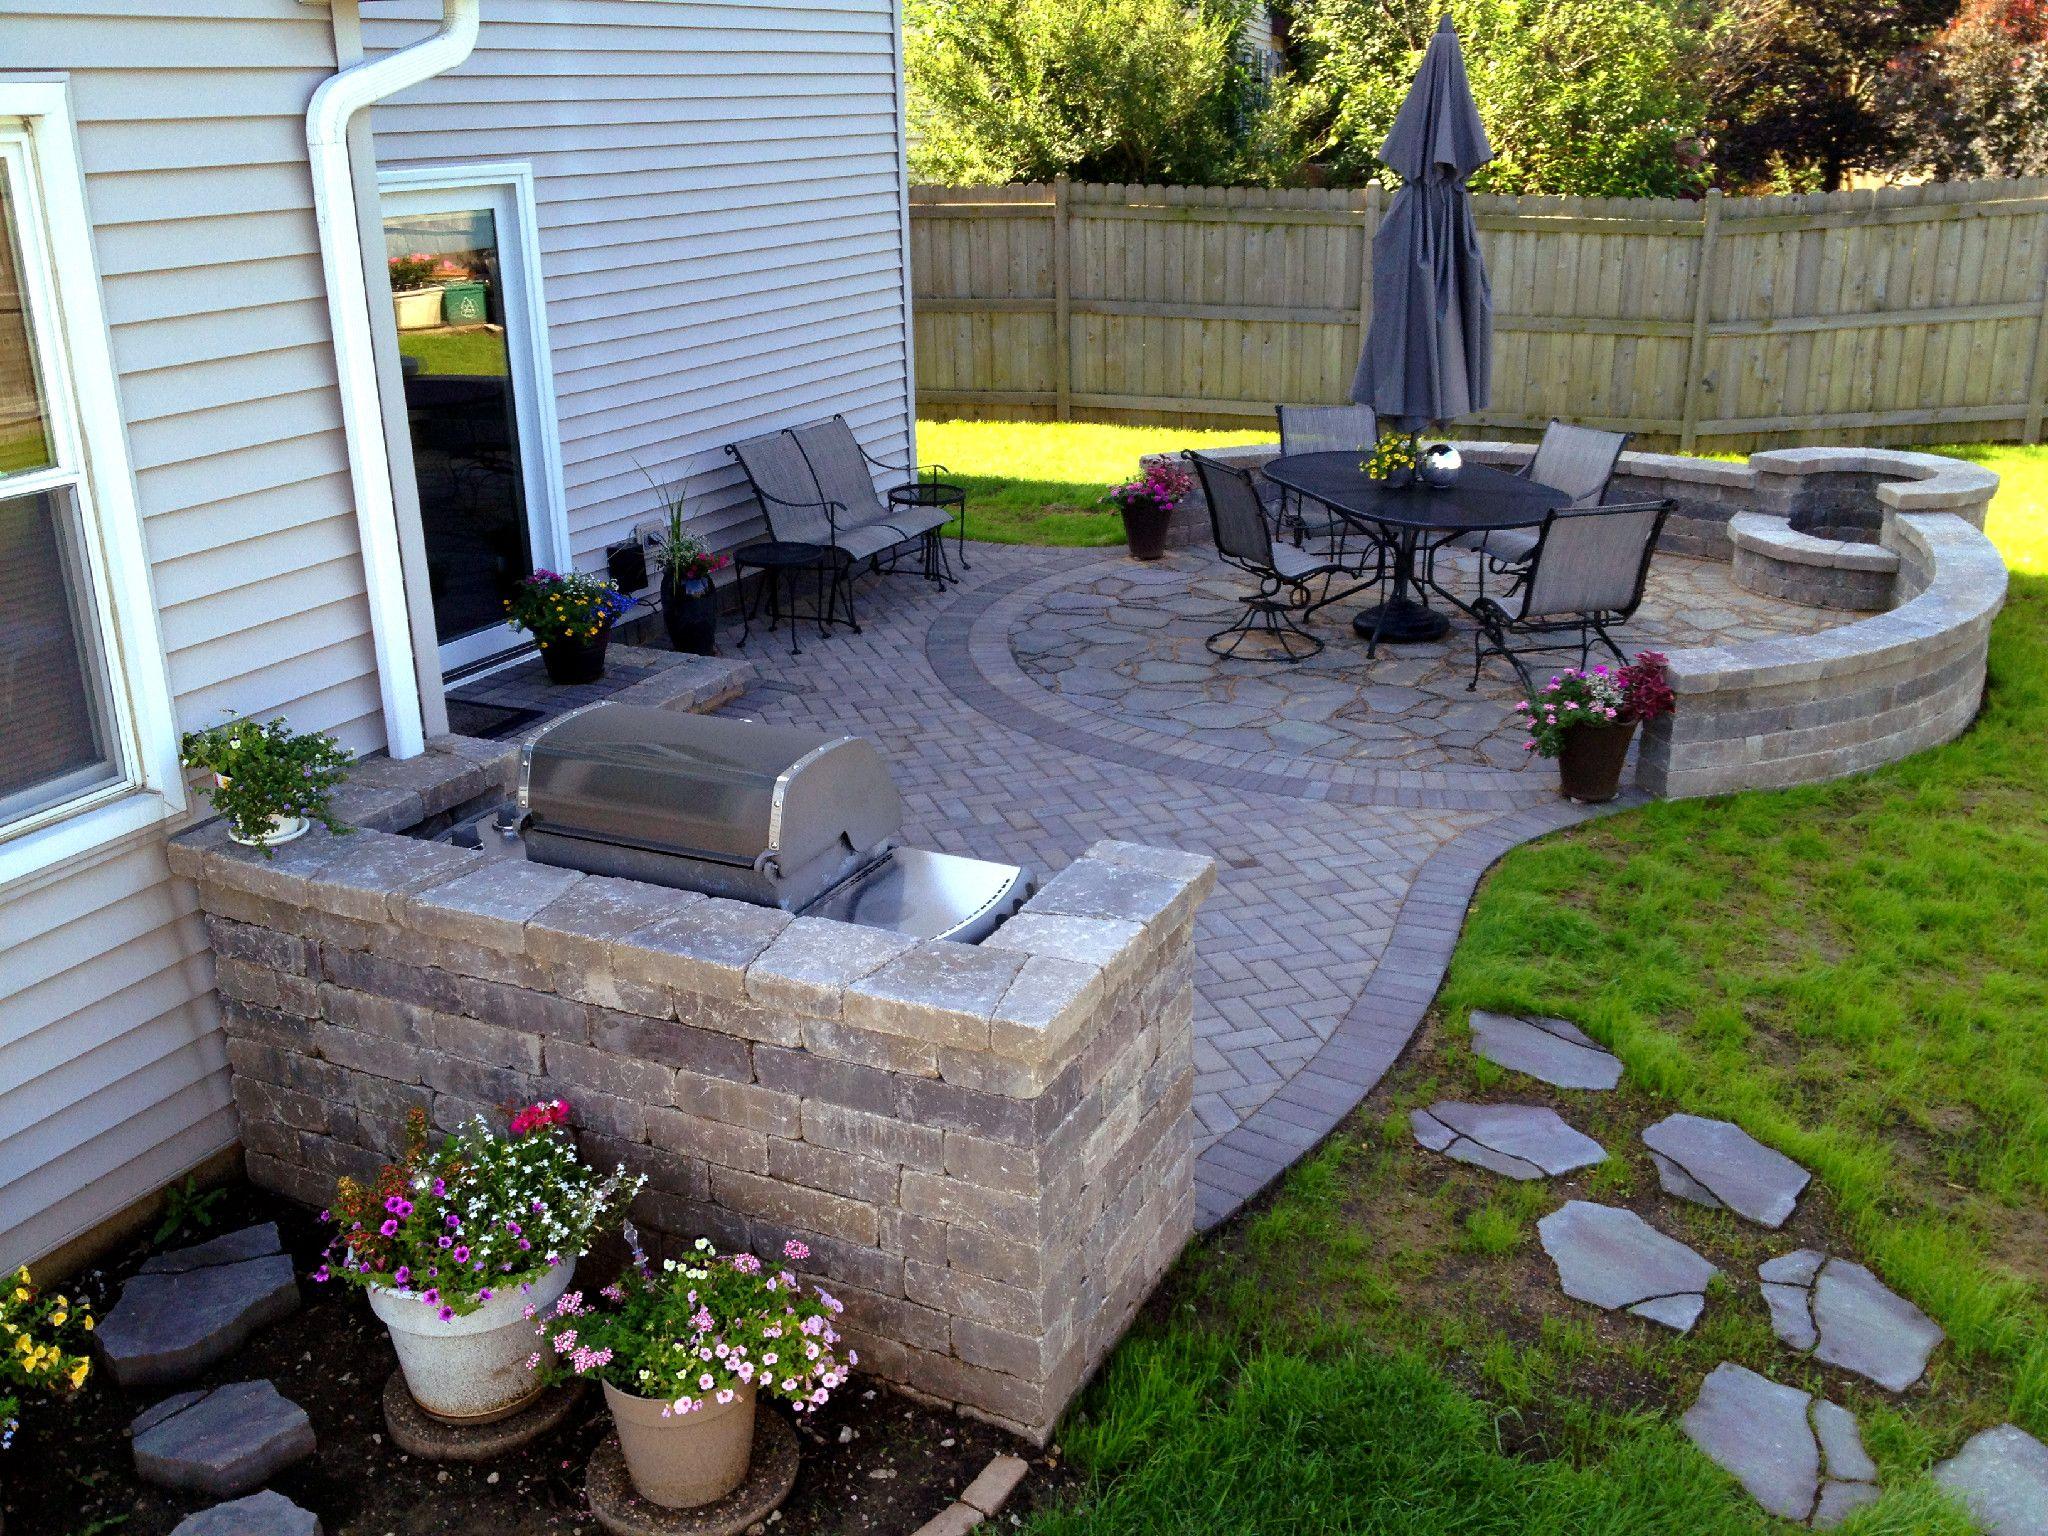 Outdoor Küche Profi : Stehtisch selber bauen konzepte outdoor küche aus paletten selber